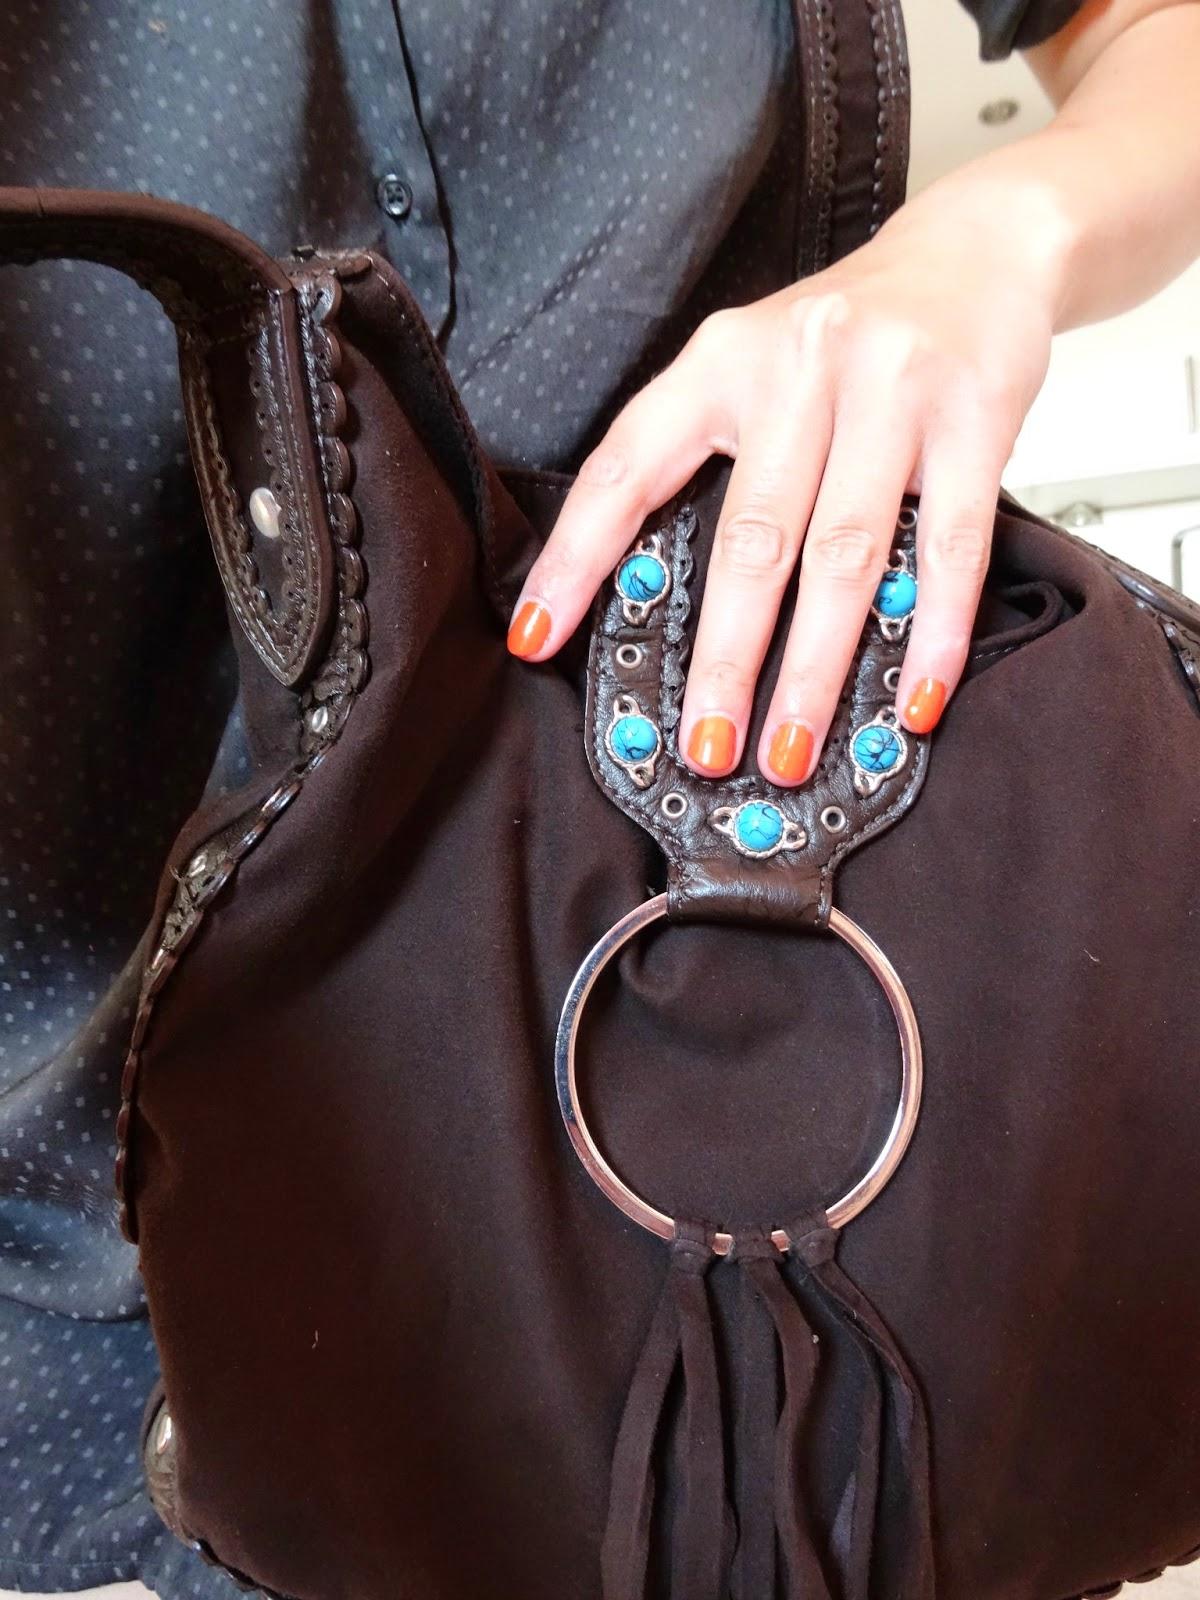 Festival handbag